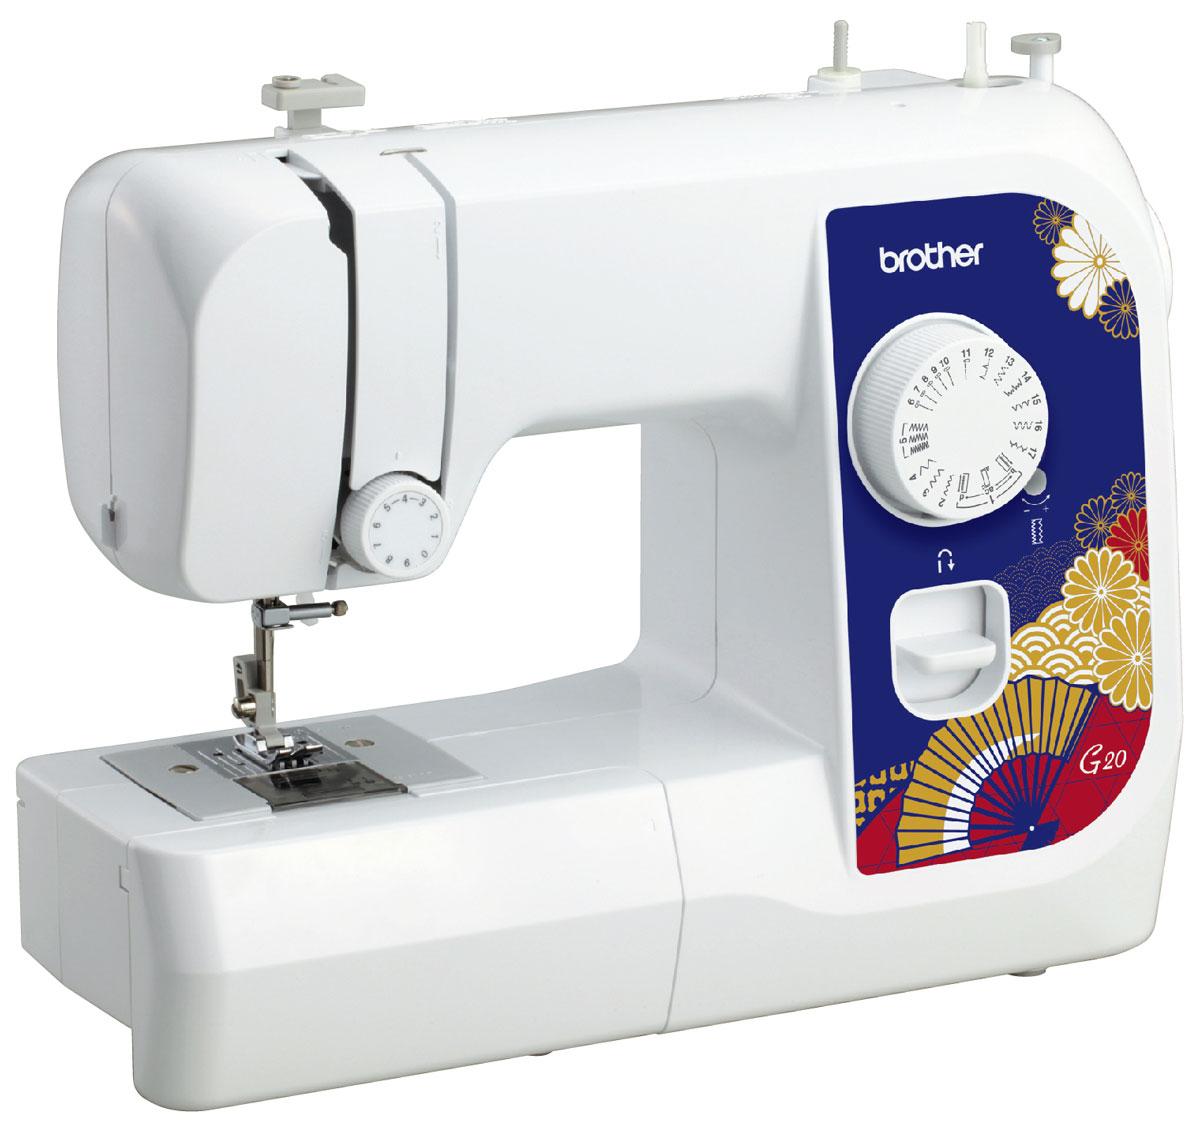 Brother G20 швейная машинаG20Машина Brother G20 идеально подходит для выполнения основных швейных операций при изготовлении и ремонте одежды. Эта надежная машина имеет традиционный набор функций, который необходим для шитья.